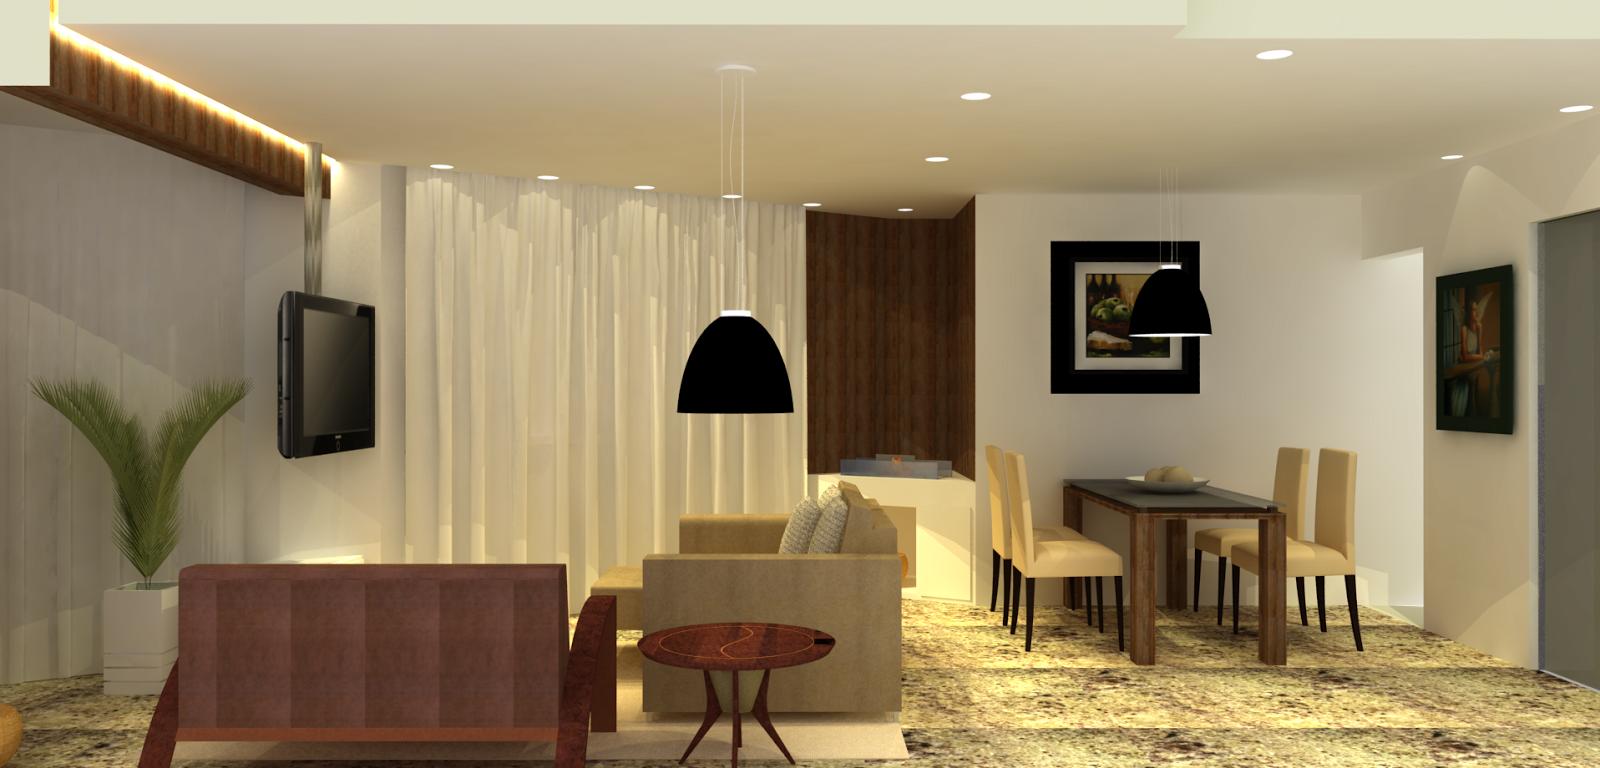 Iluminacao Correta Para Sala De Tv ~ Escolha a iluminação ideal para sua sala de TV  FRAZZON